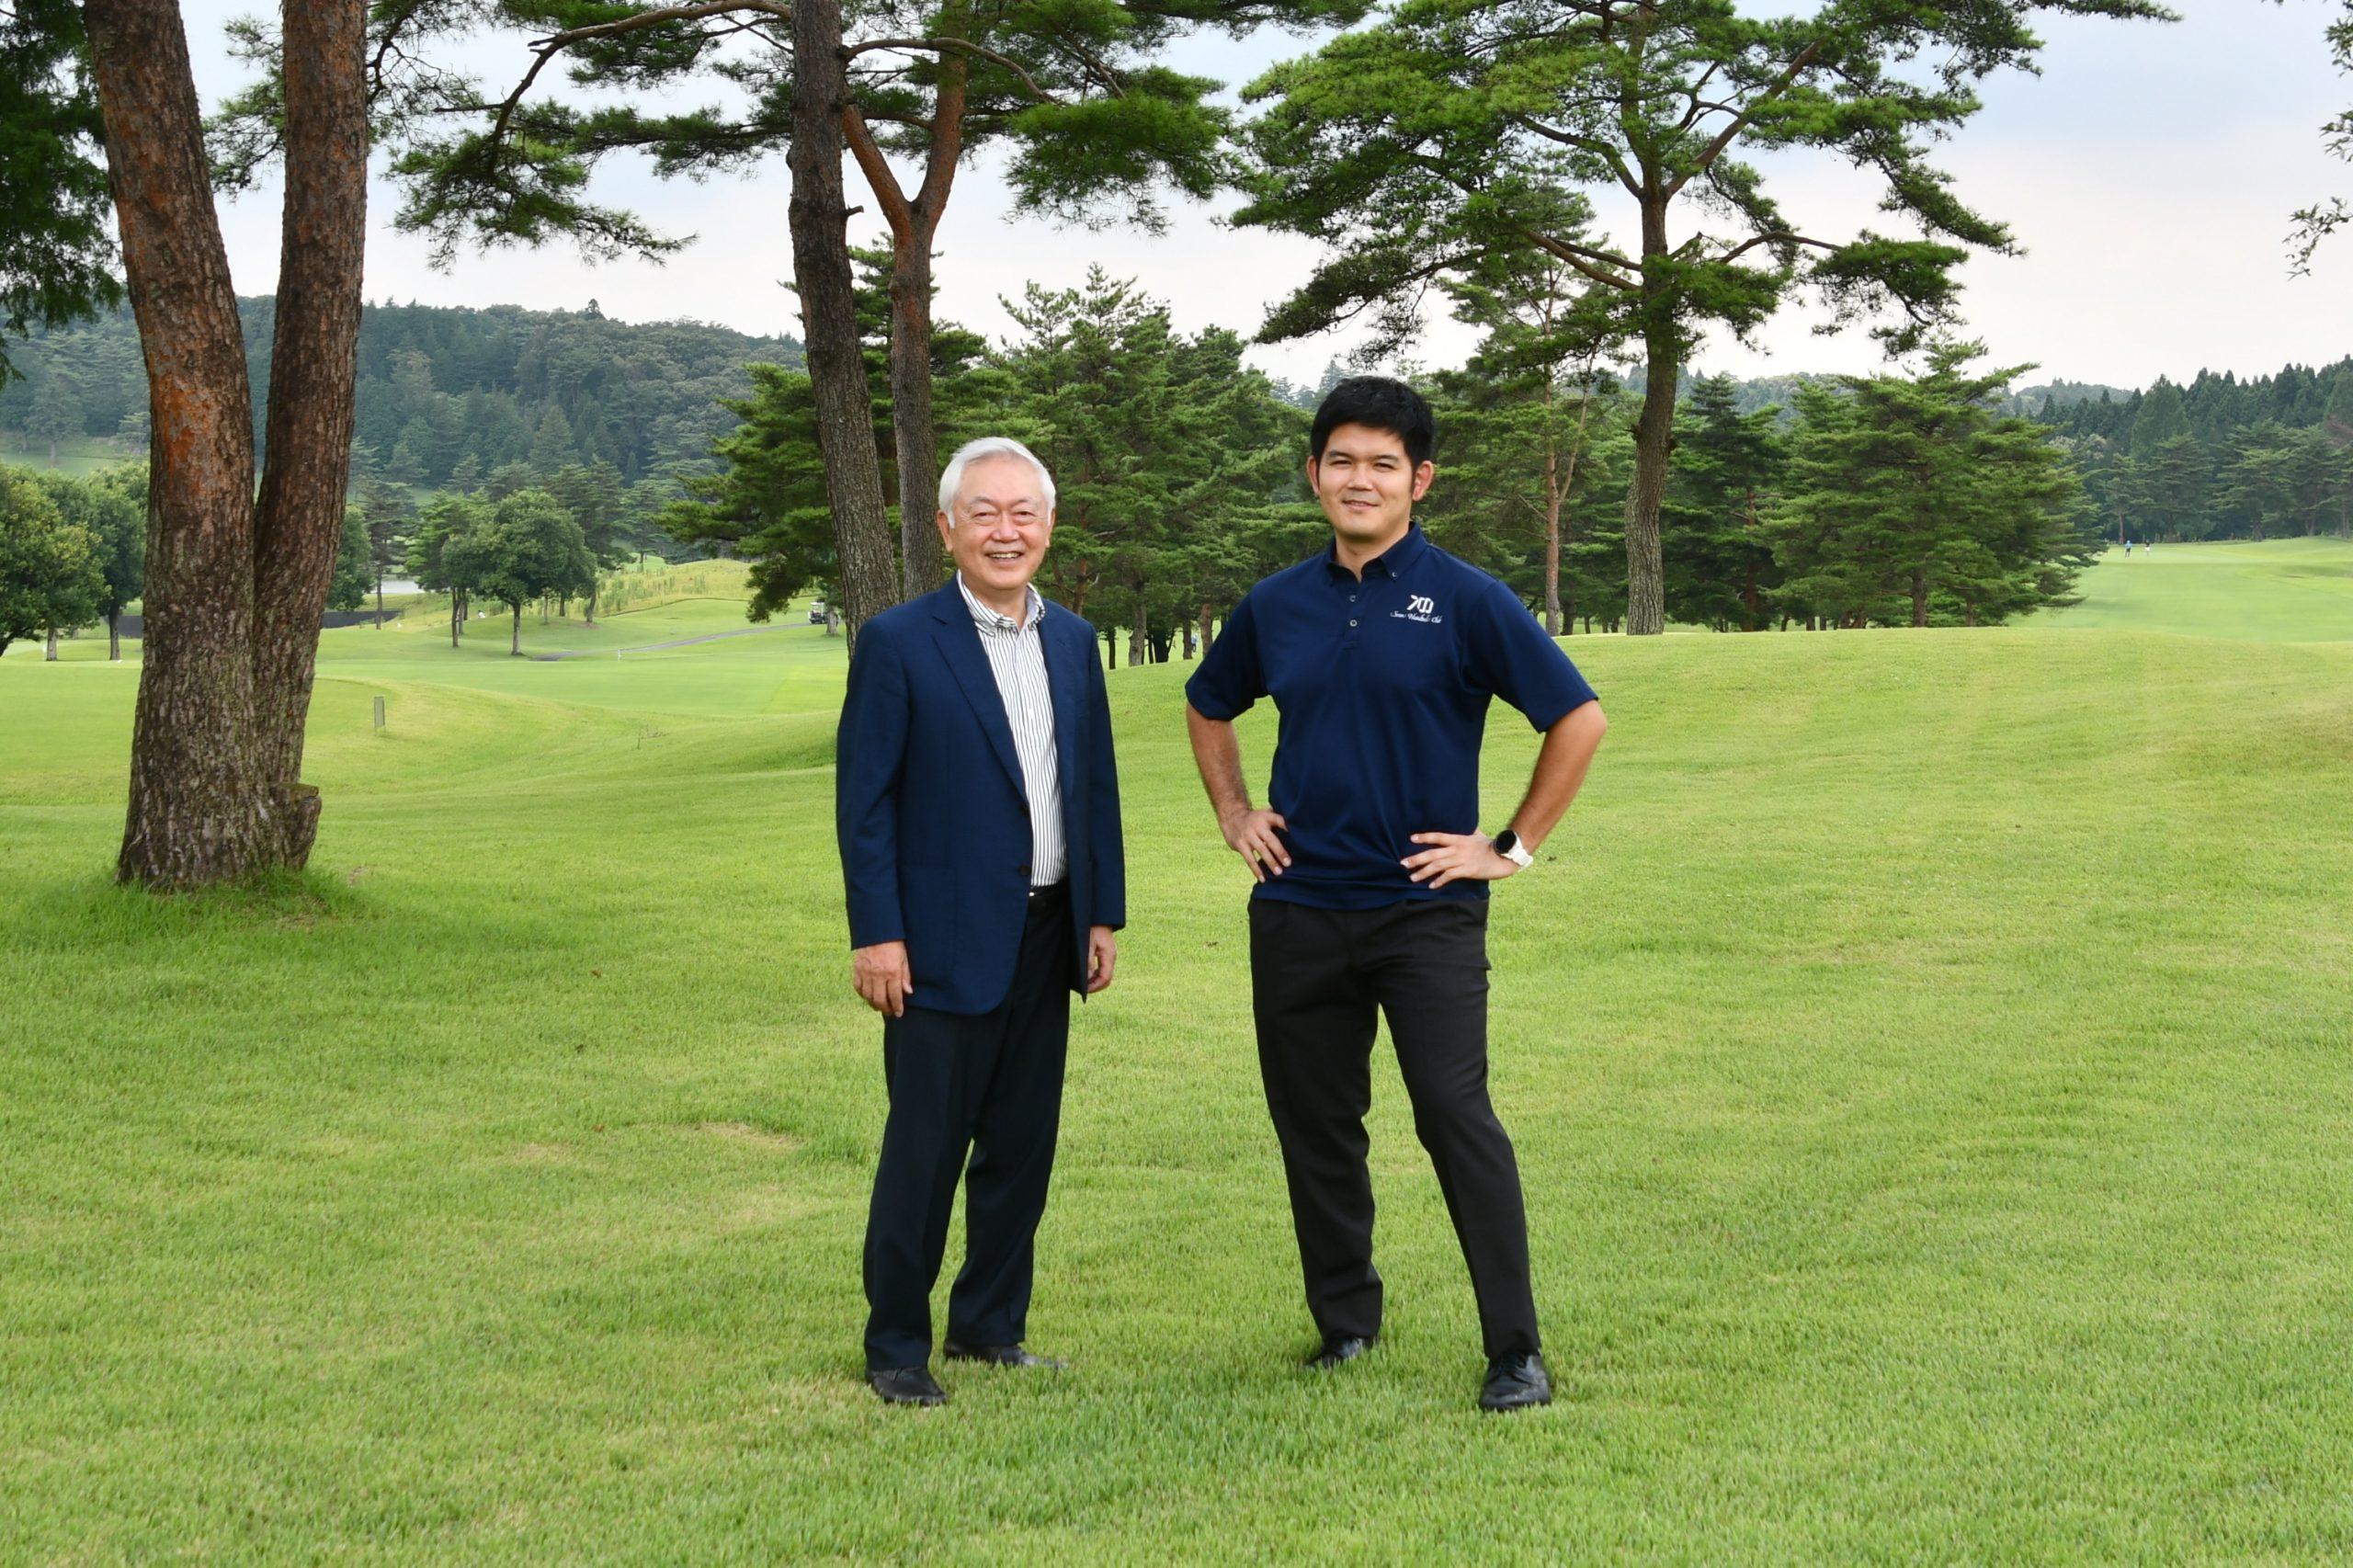 目指すは「みんなが幸せを実感できるゴルフ場」。若き3代目社長の未来や環境に前借りしない経営